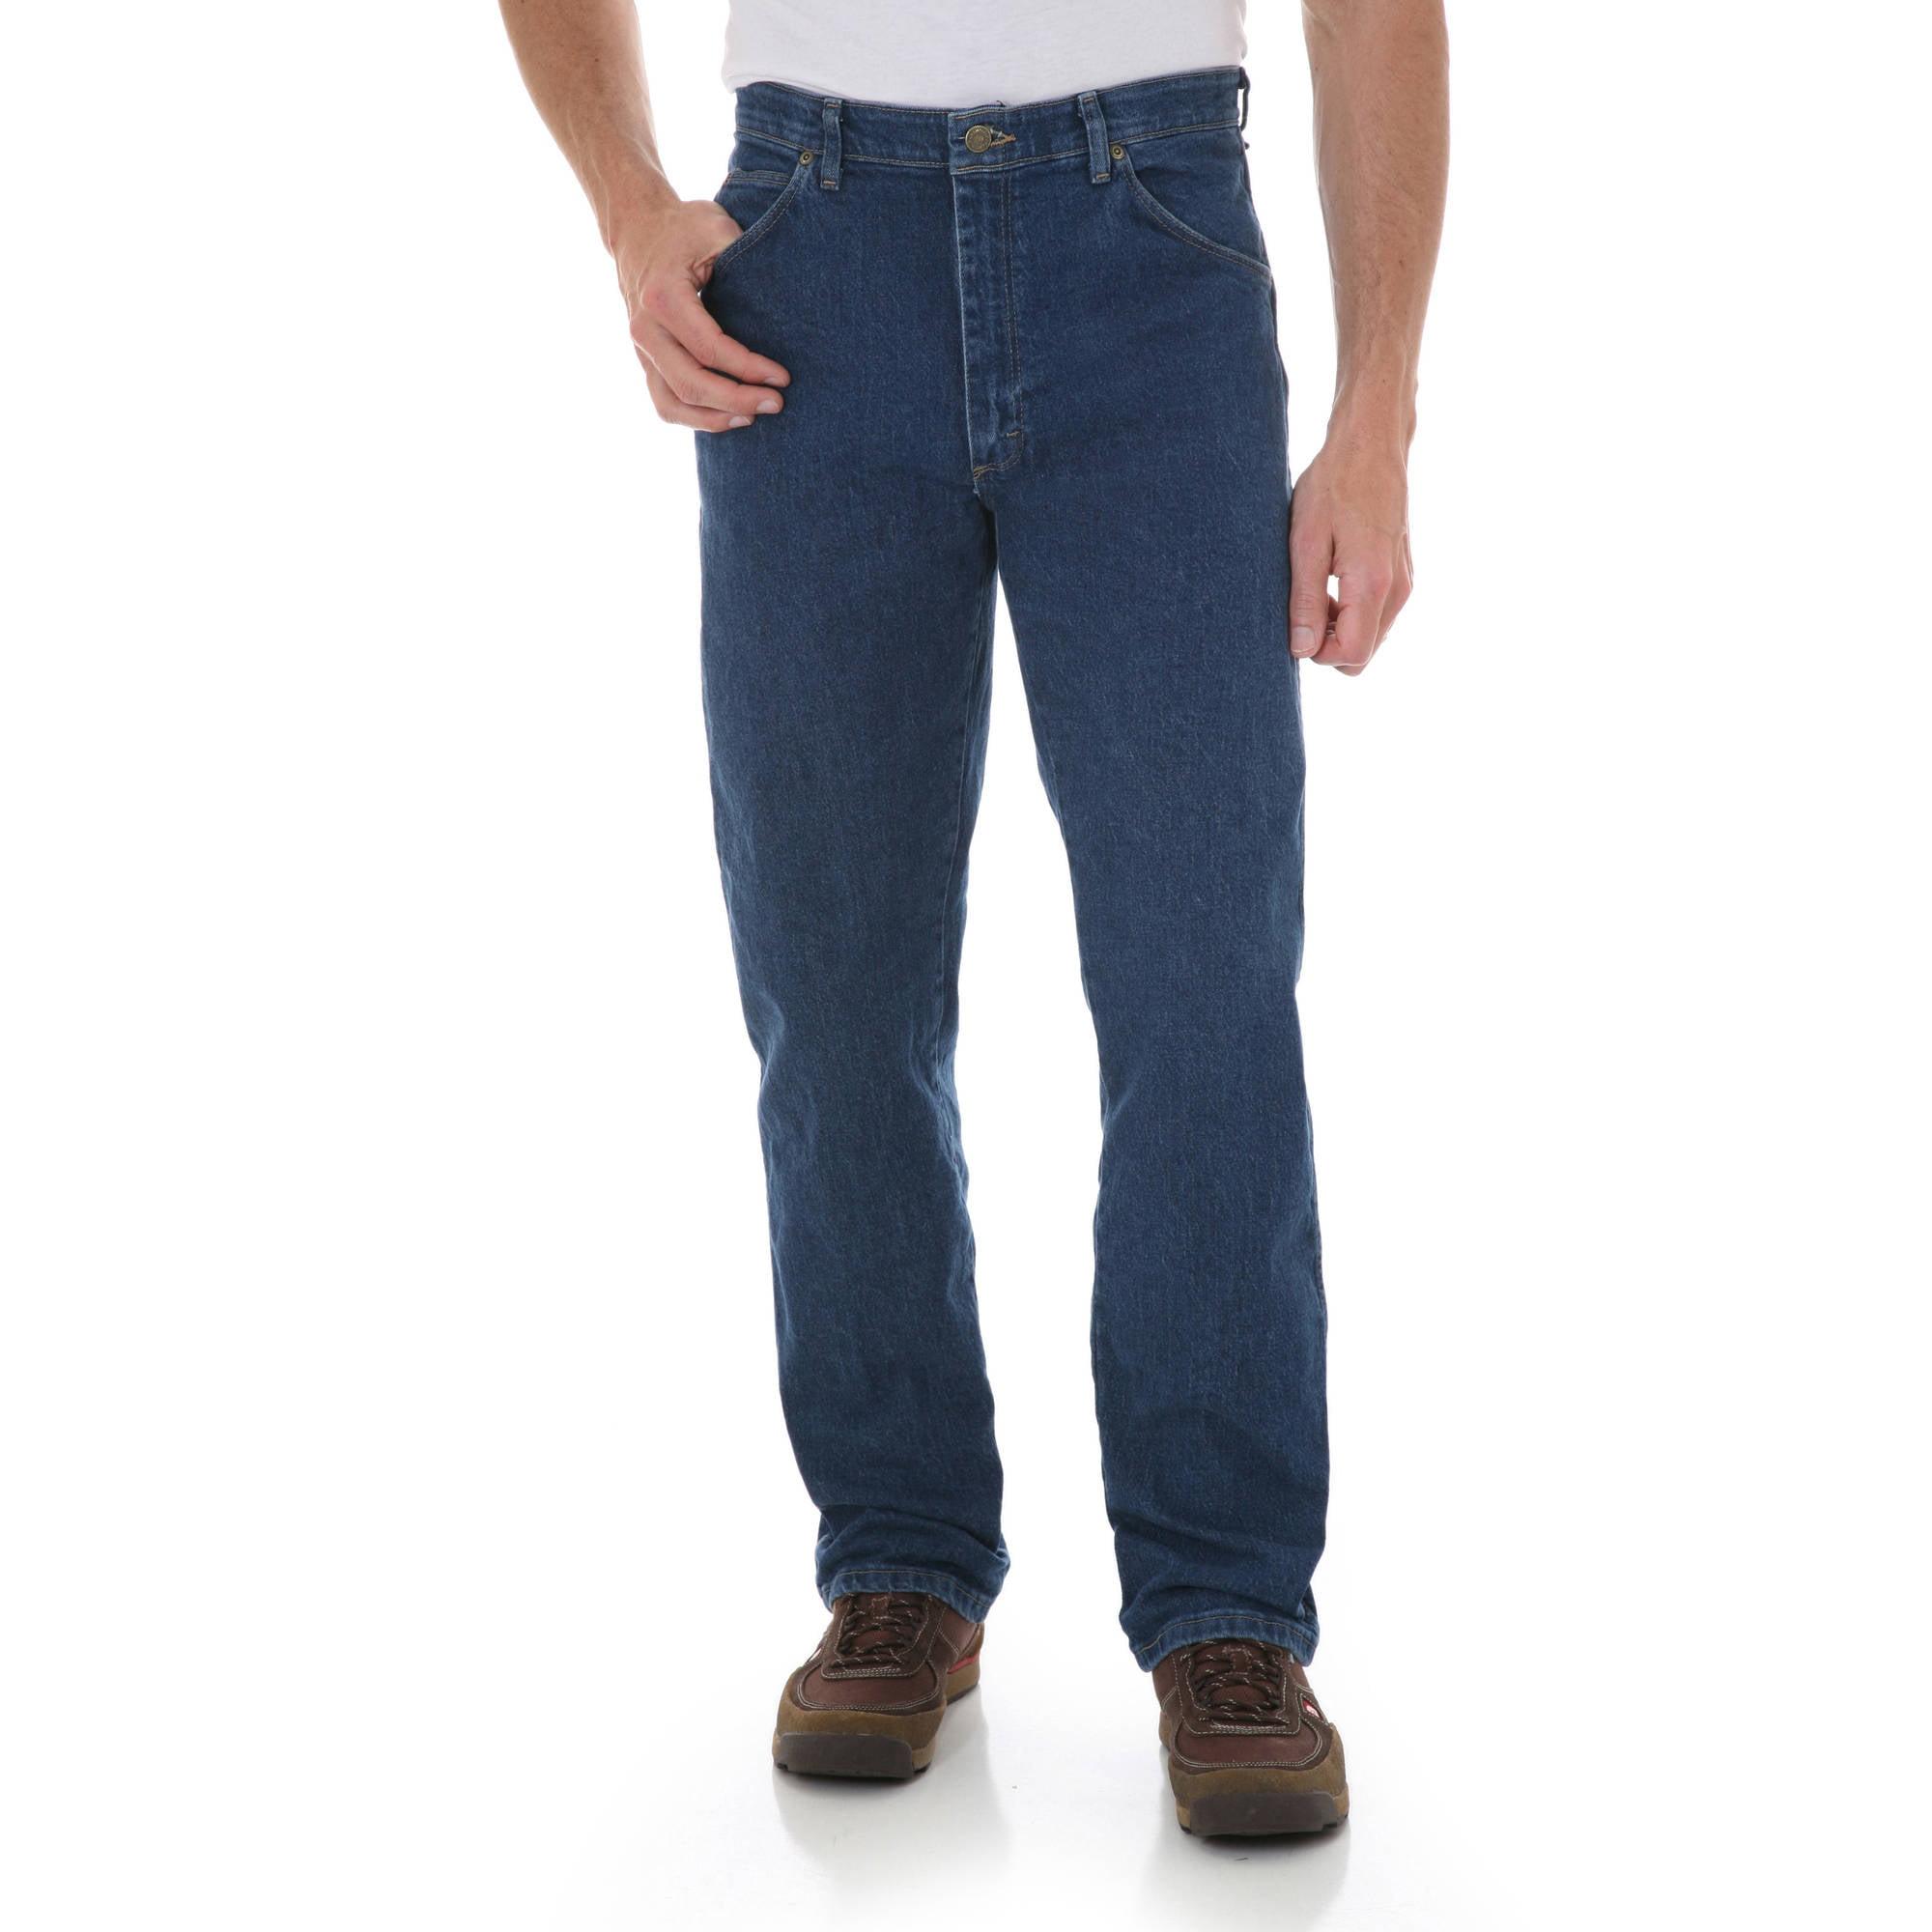 Big & Tall Jeans - Walmart.com